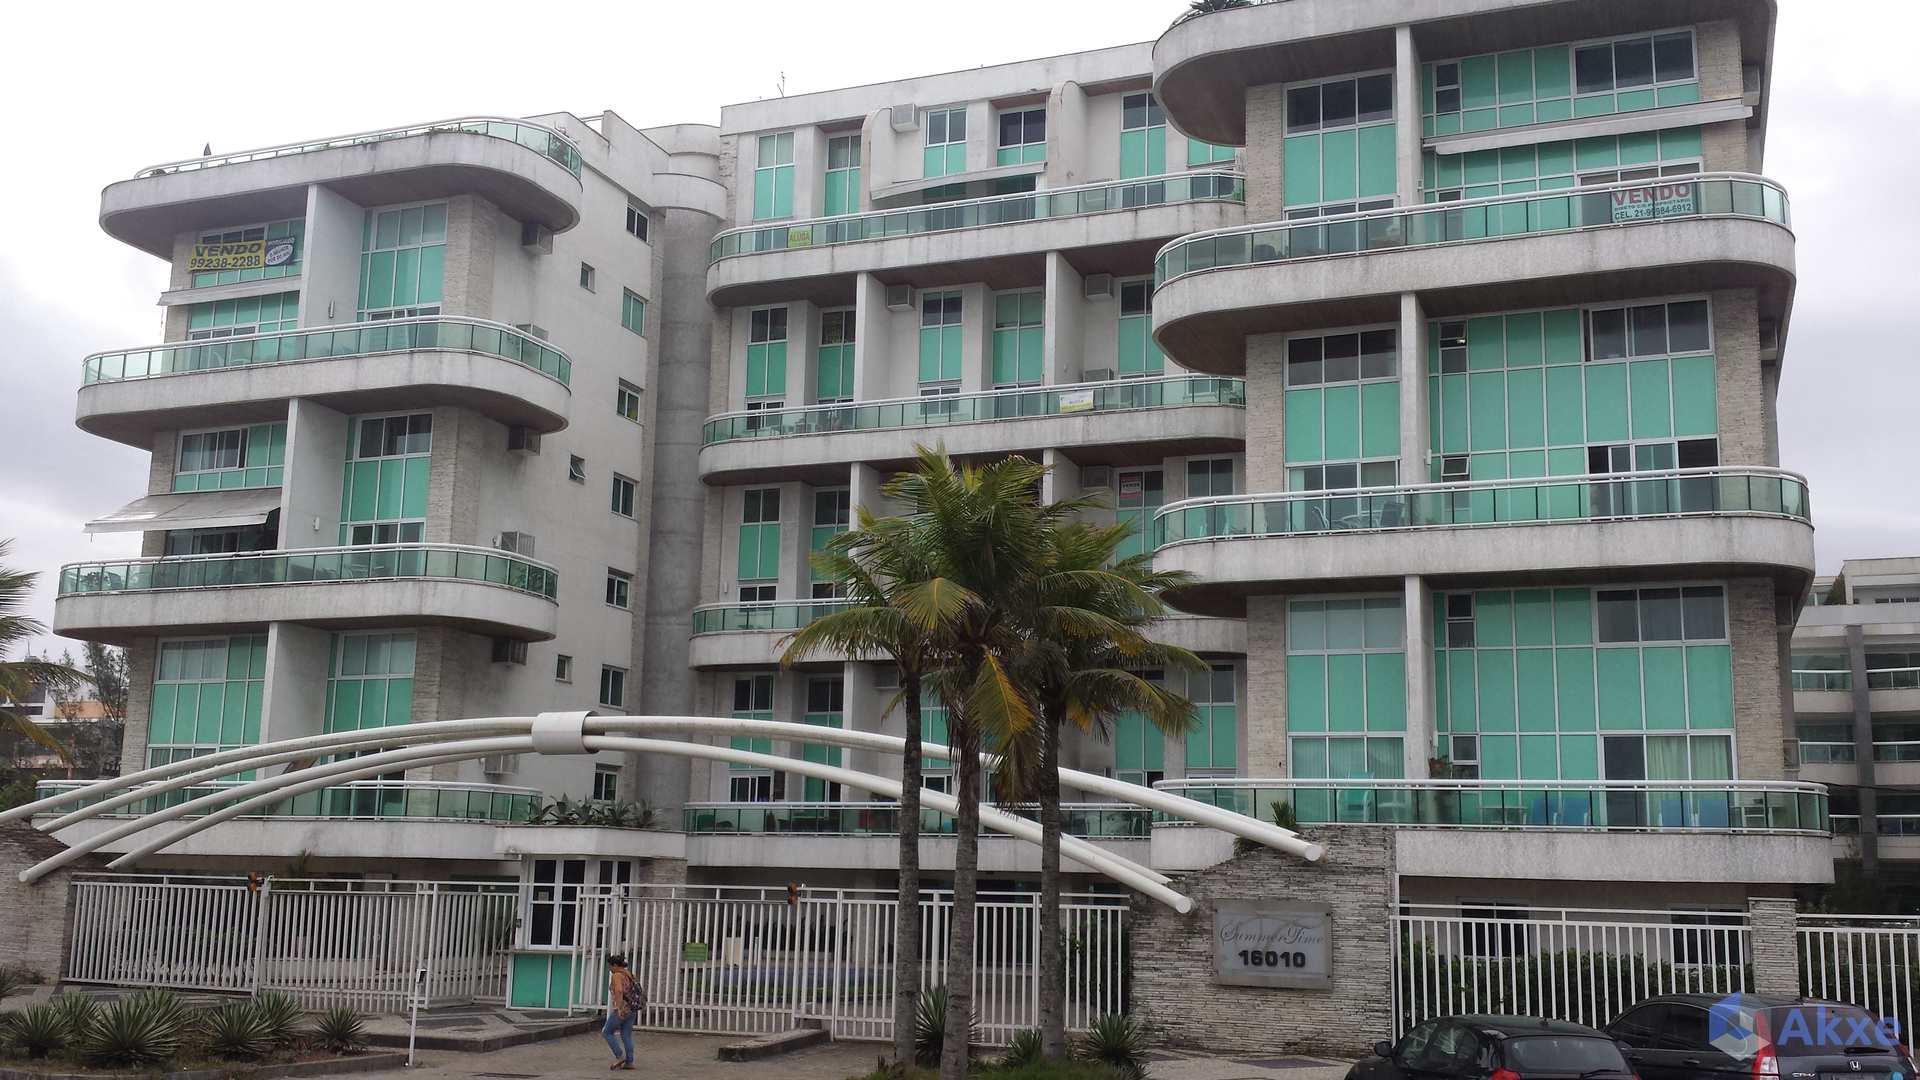 Apartamento com 1 dorm, Recreio dos Bandeirantes, Rio de Janeiro, Cod: 75